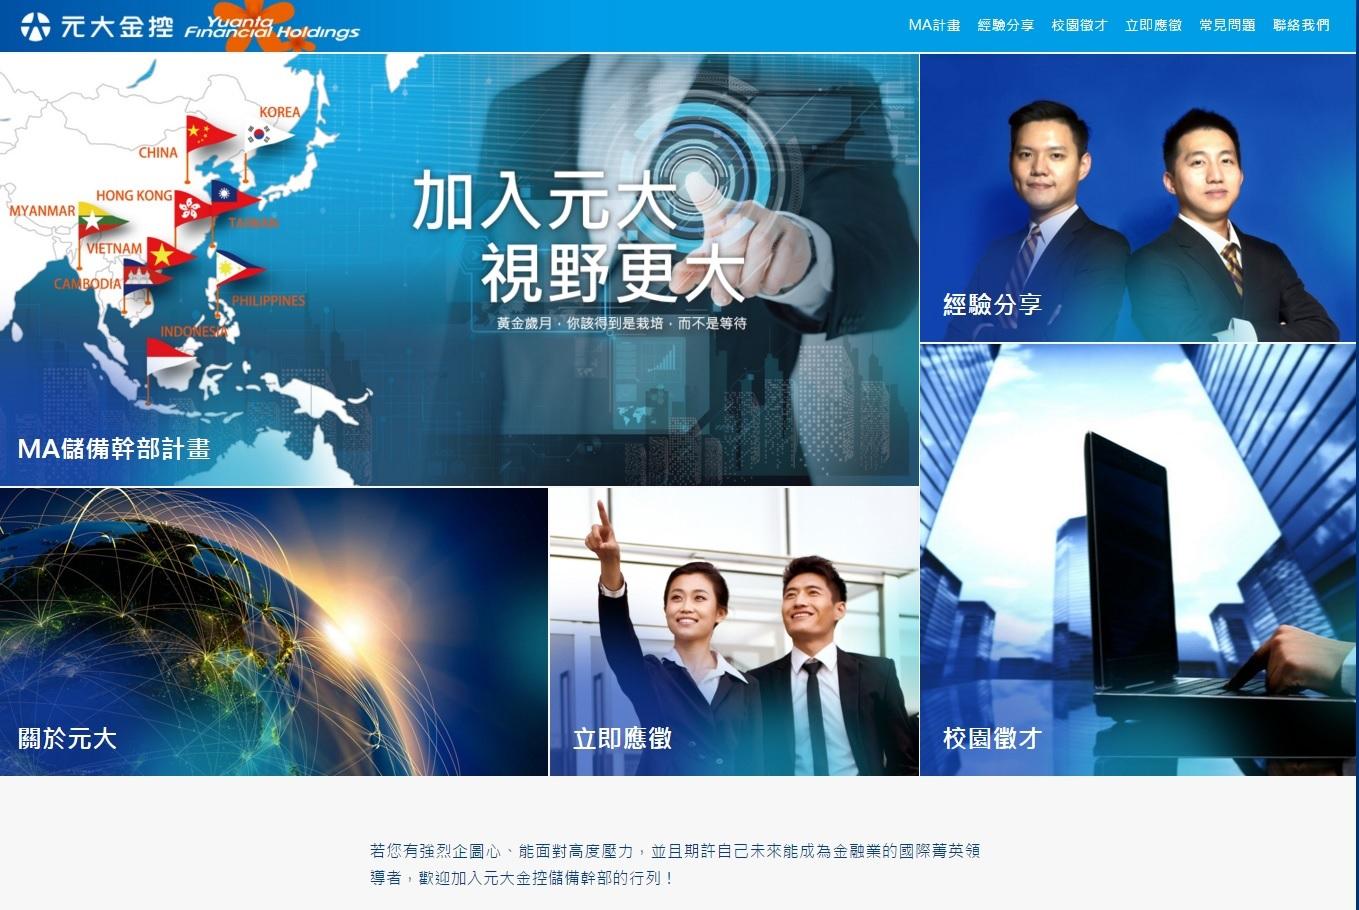 群策_元大MA網站